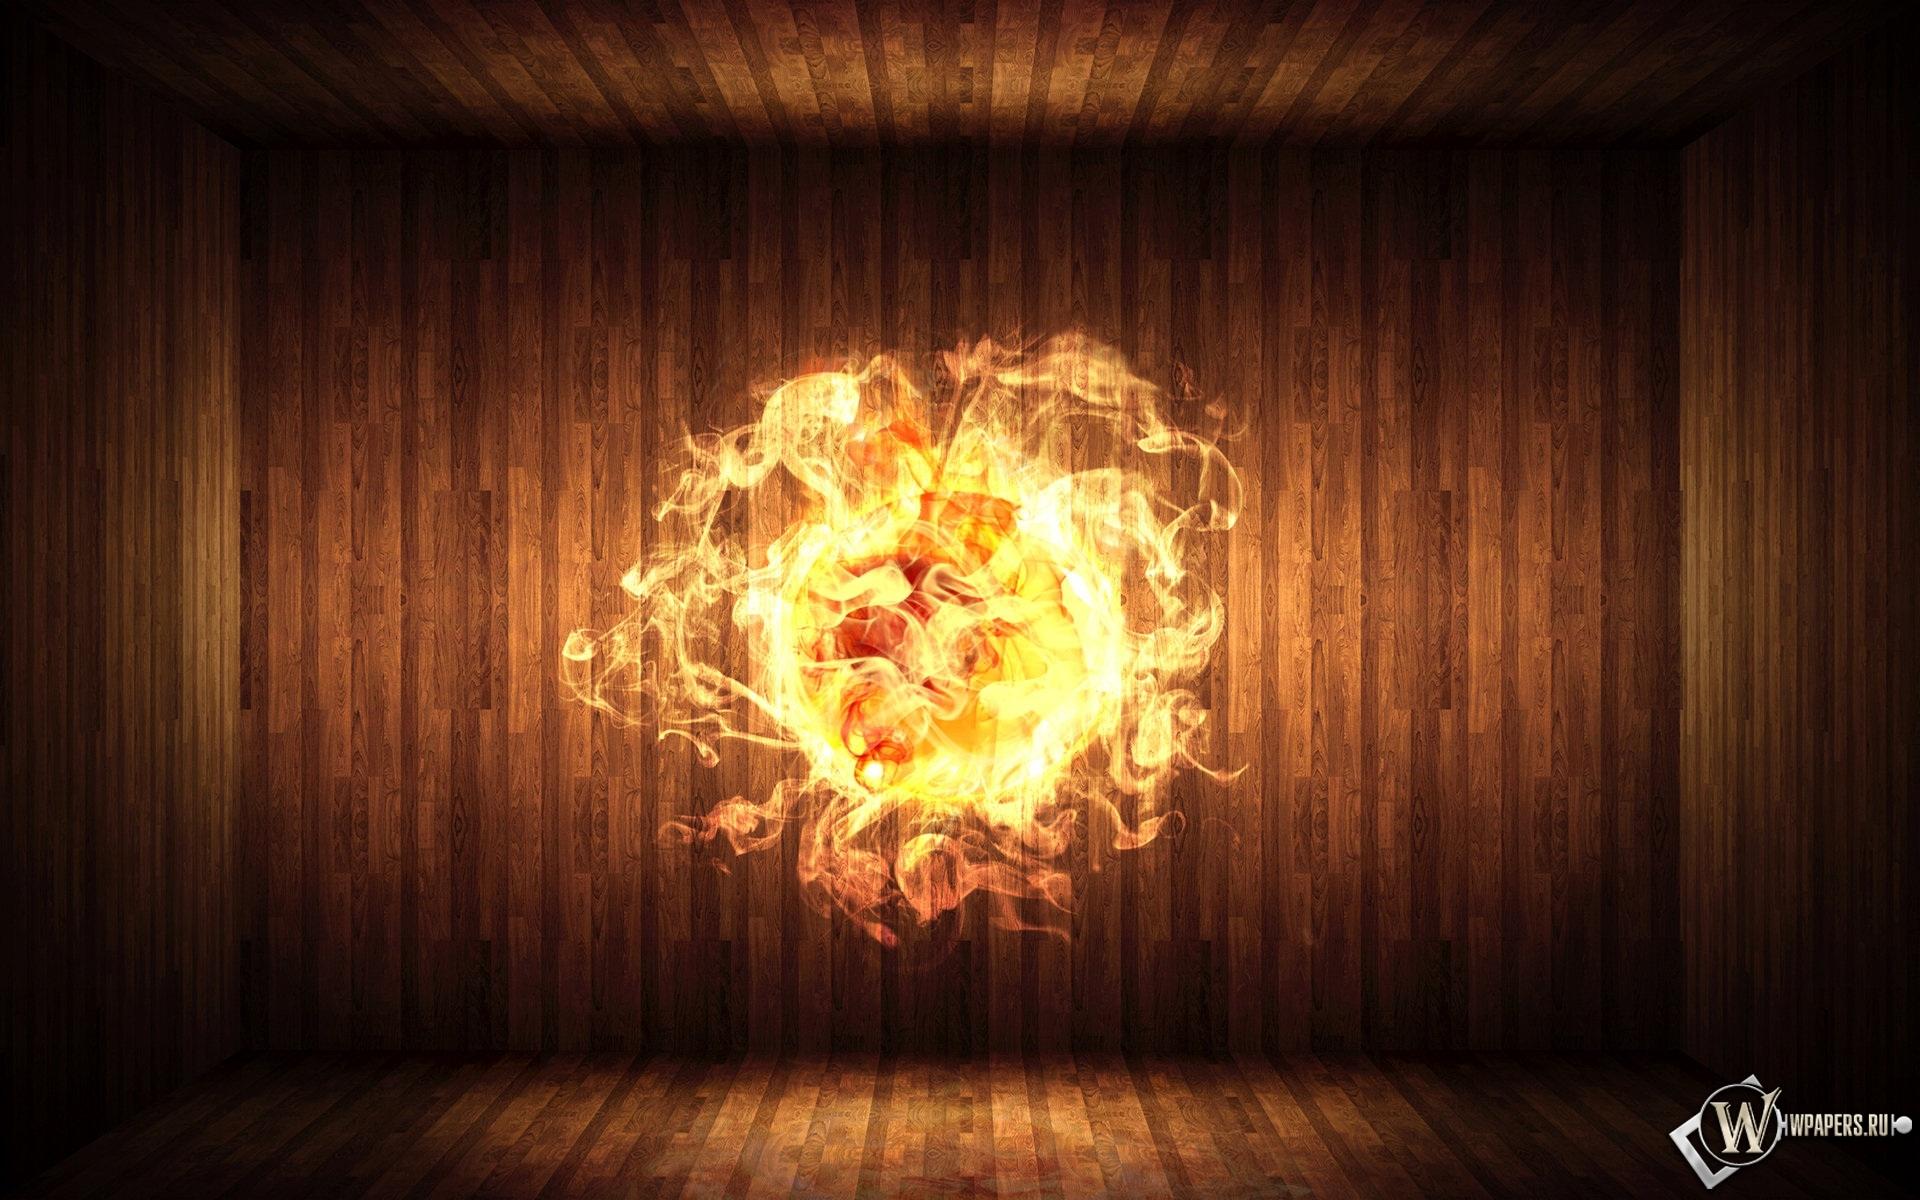 Огненный шар 1920x1200